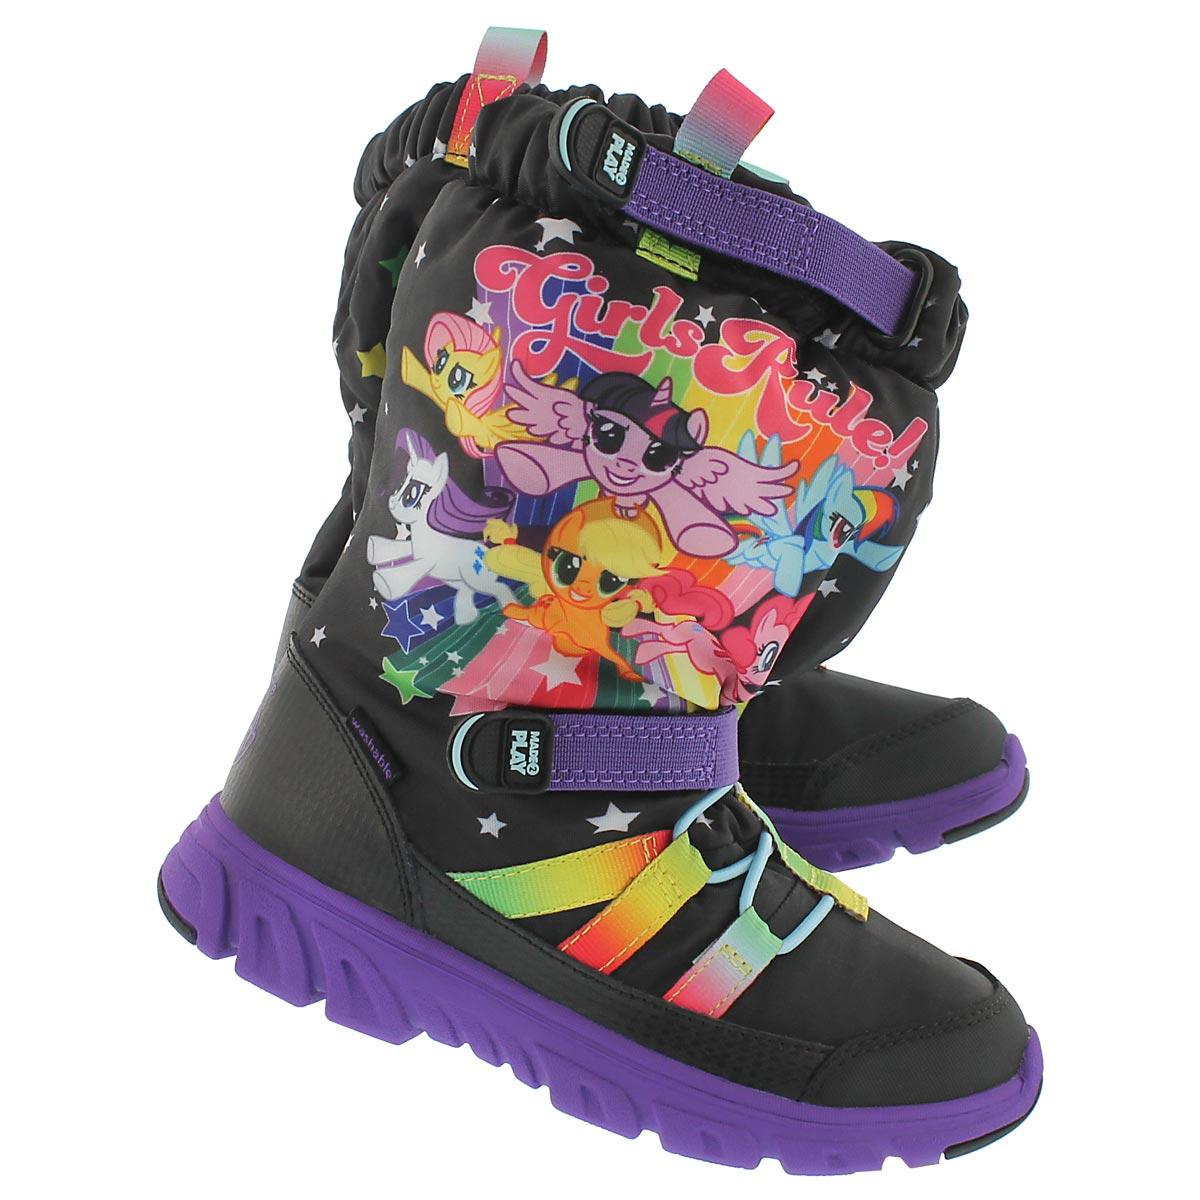 Grls M2PSneakerBootMLP blk/mlt wntr boot